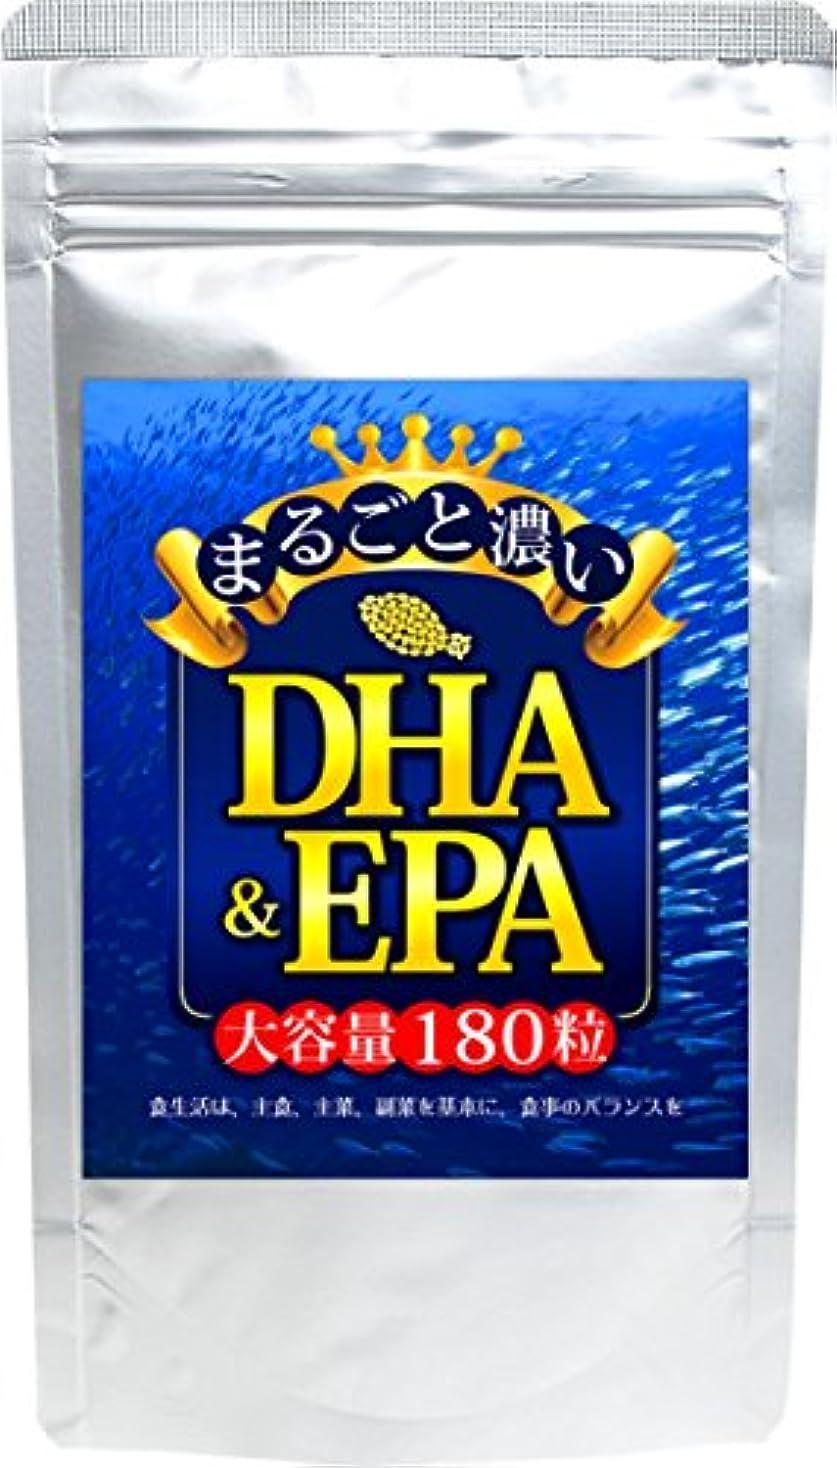 本会議バタフライふくろうまるごと濃いDHA&EPA 180粒 約6か月分